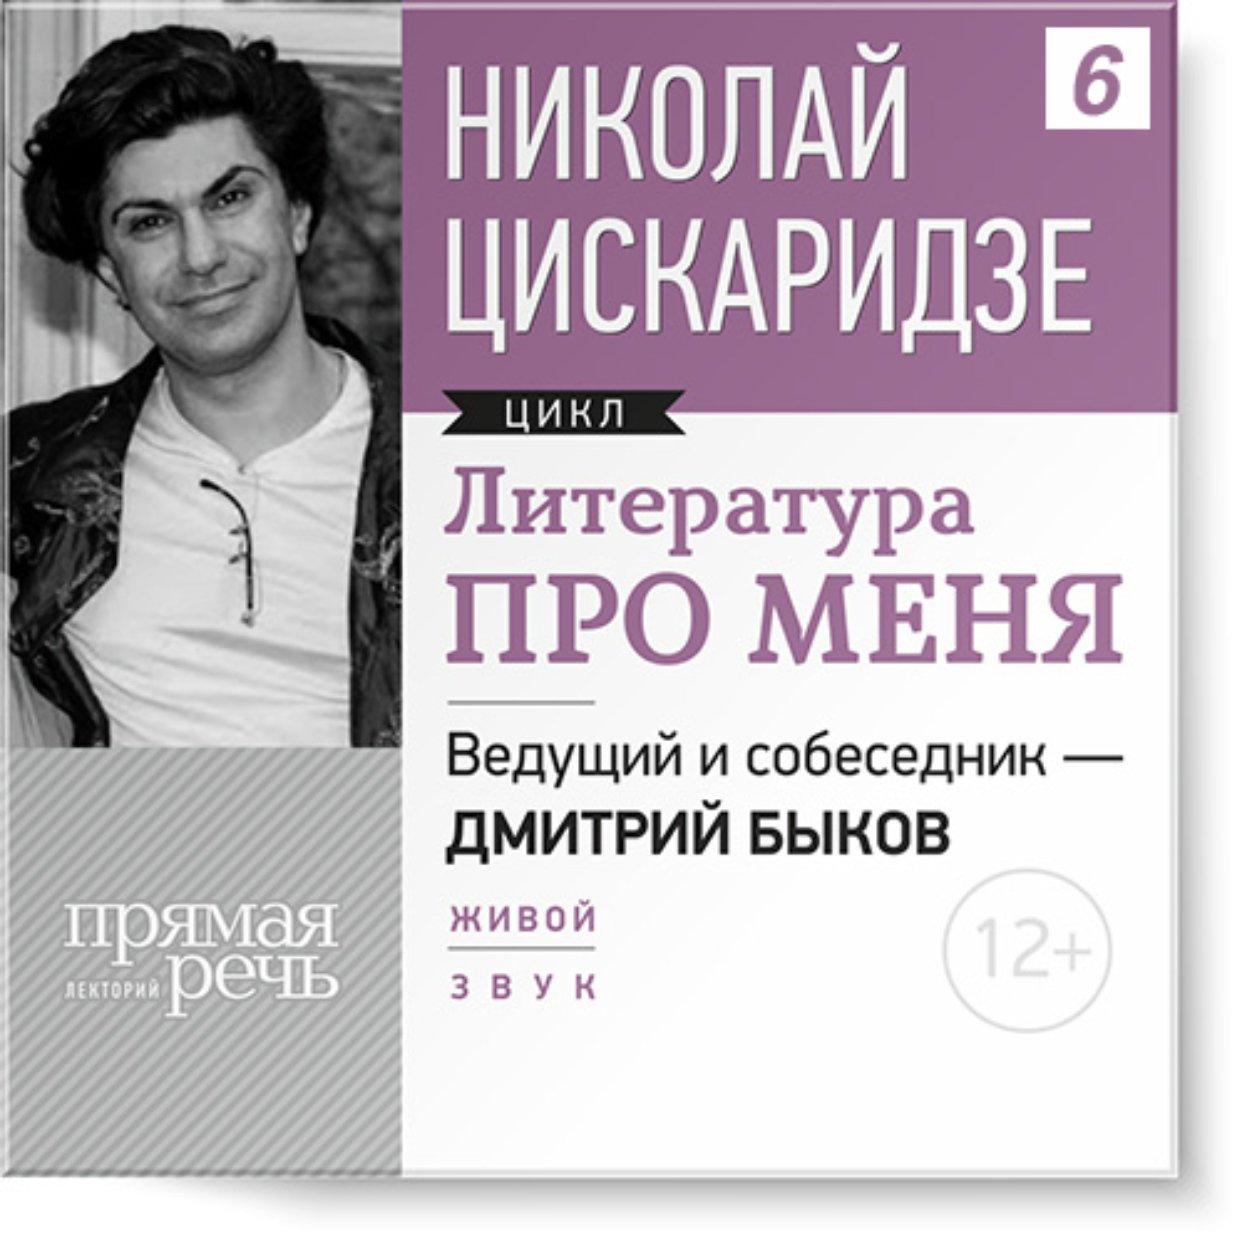 Николай Цискаридзе. Литература про меня